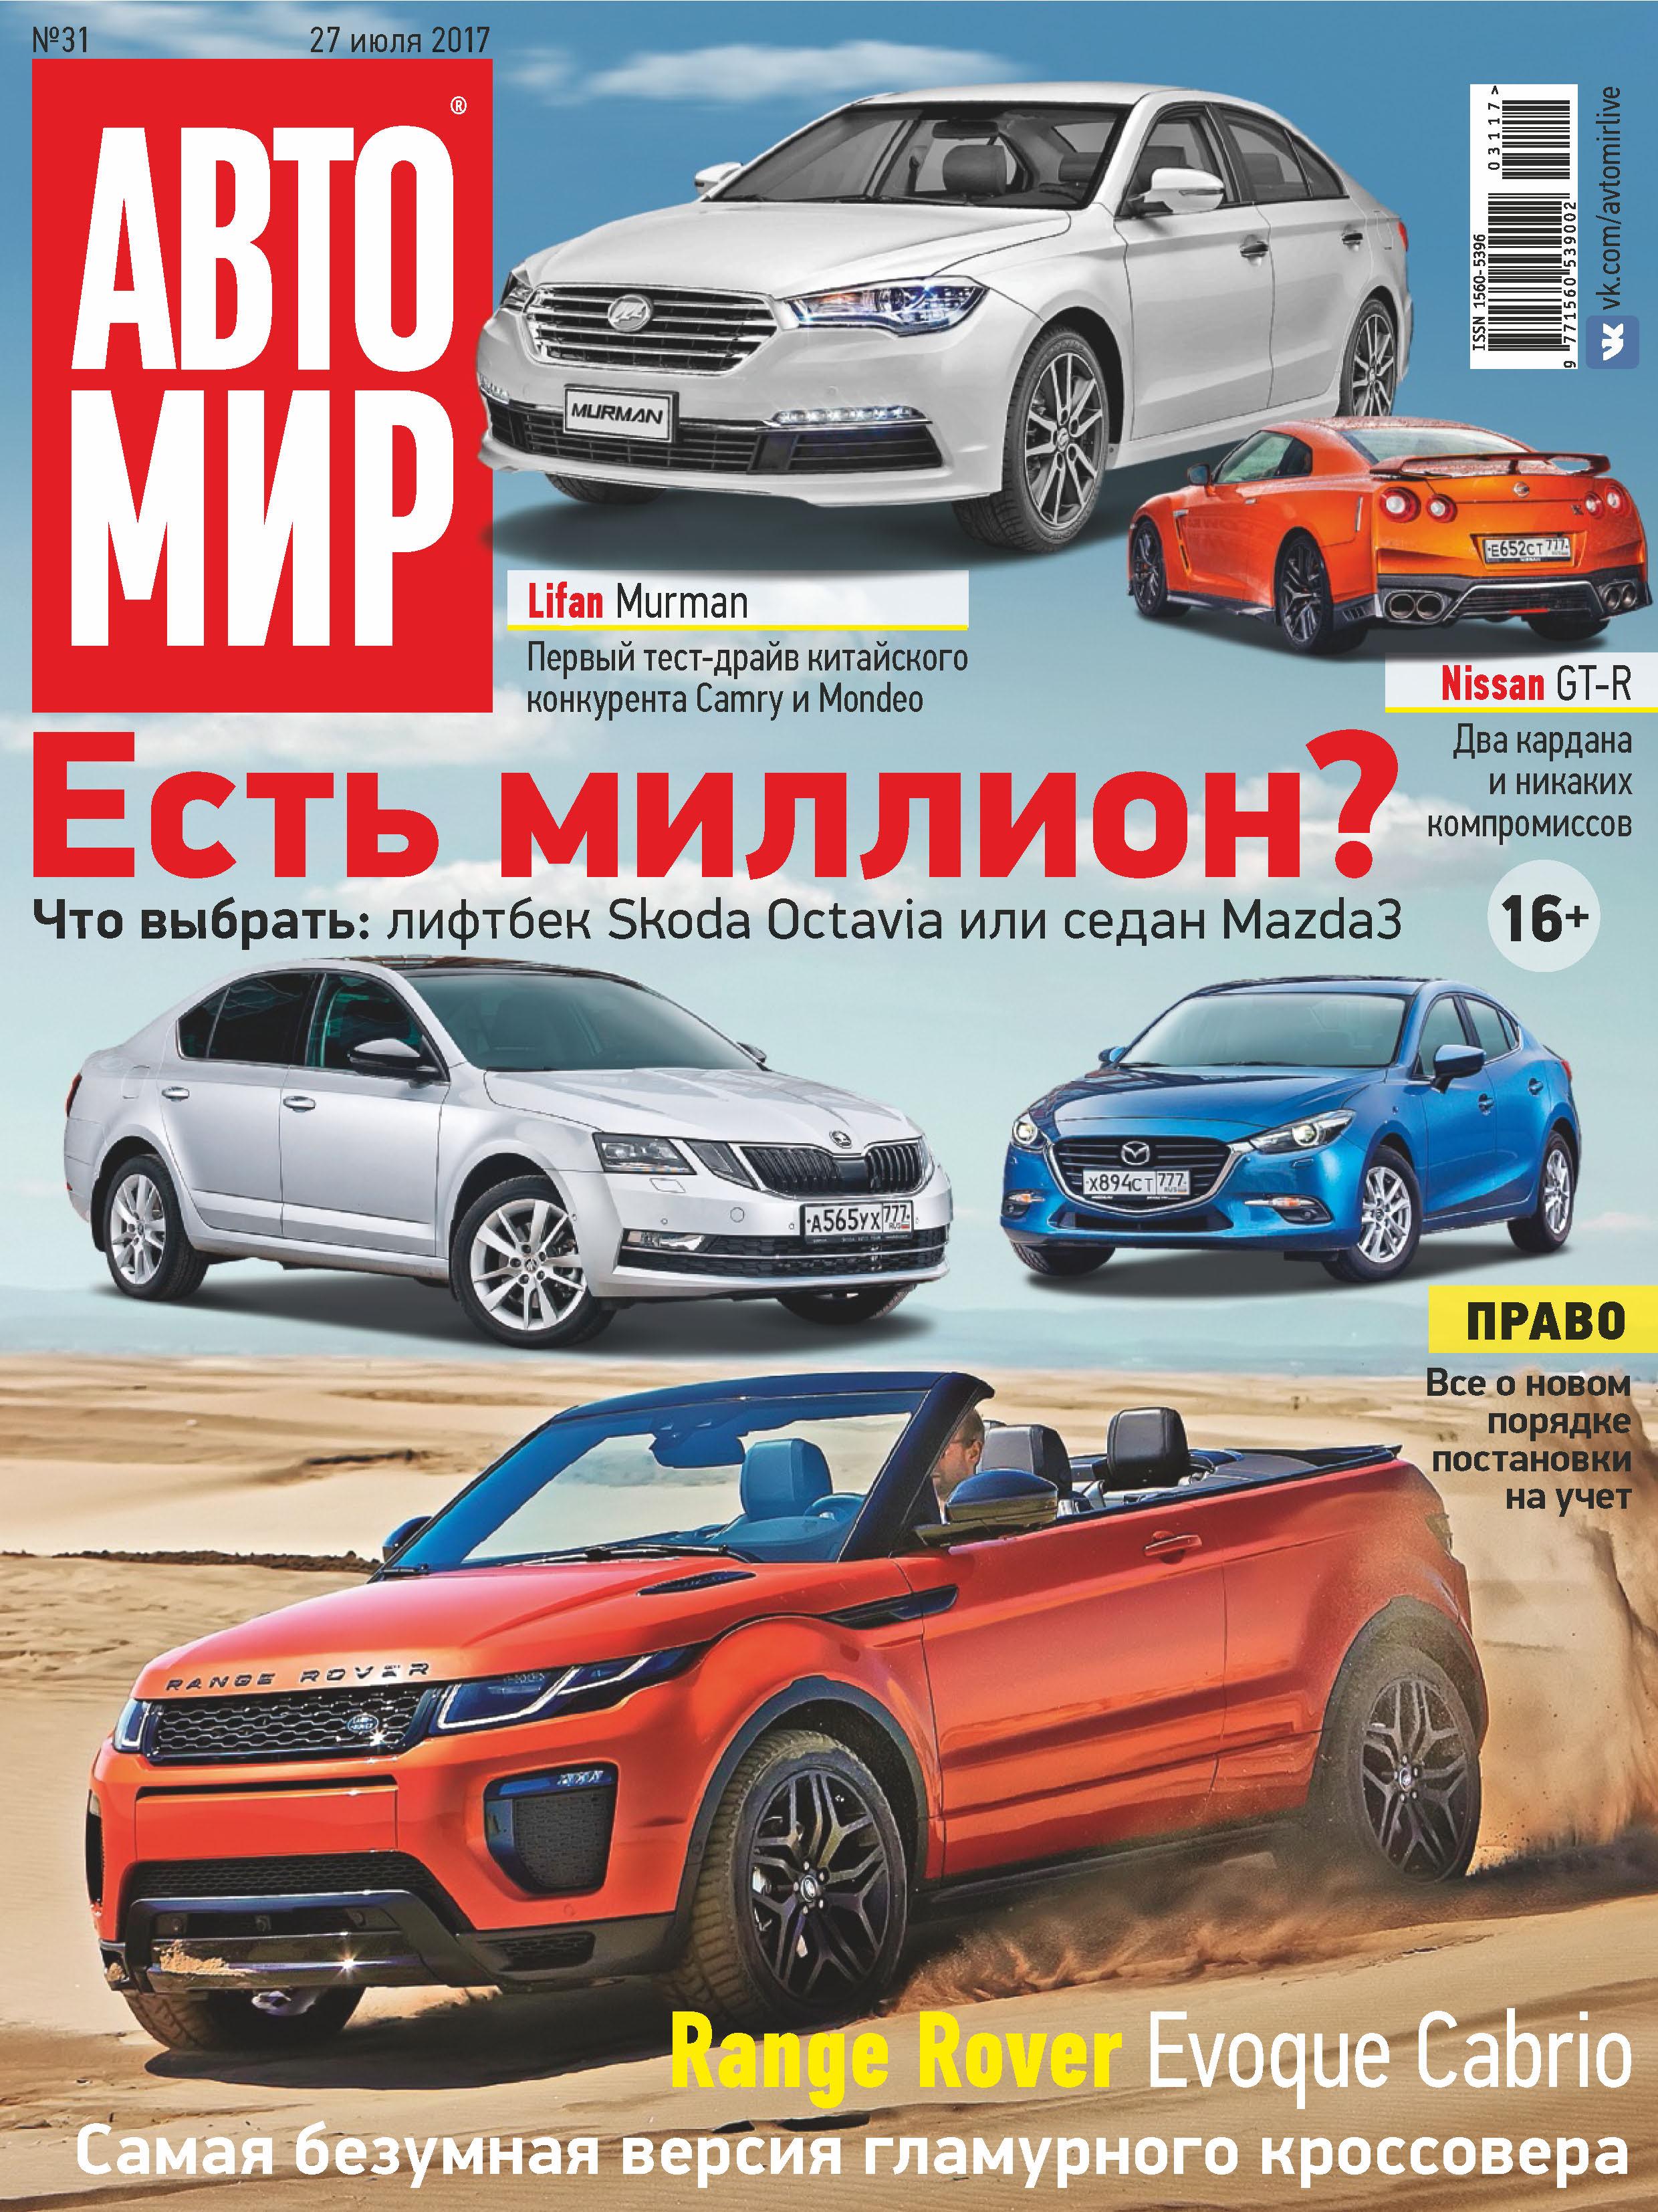 Отсутствует АвтоМир №31/2017 отсутствует автомир 33 2017